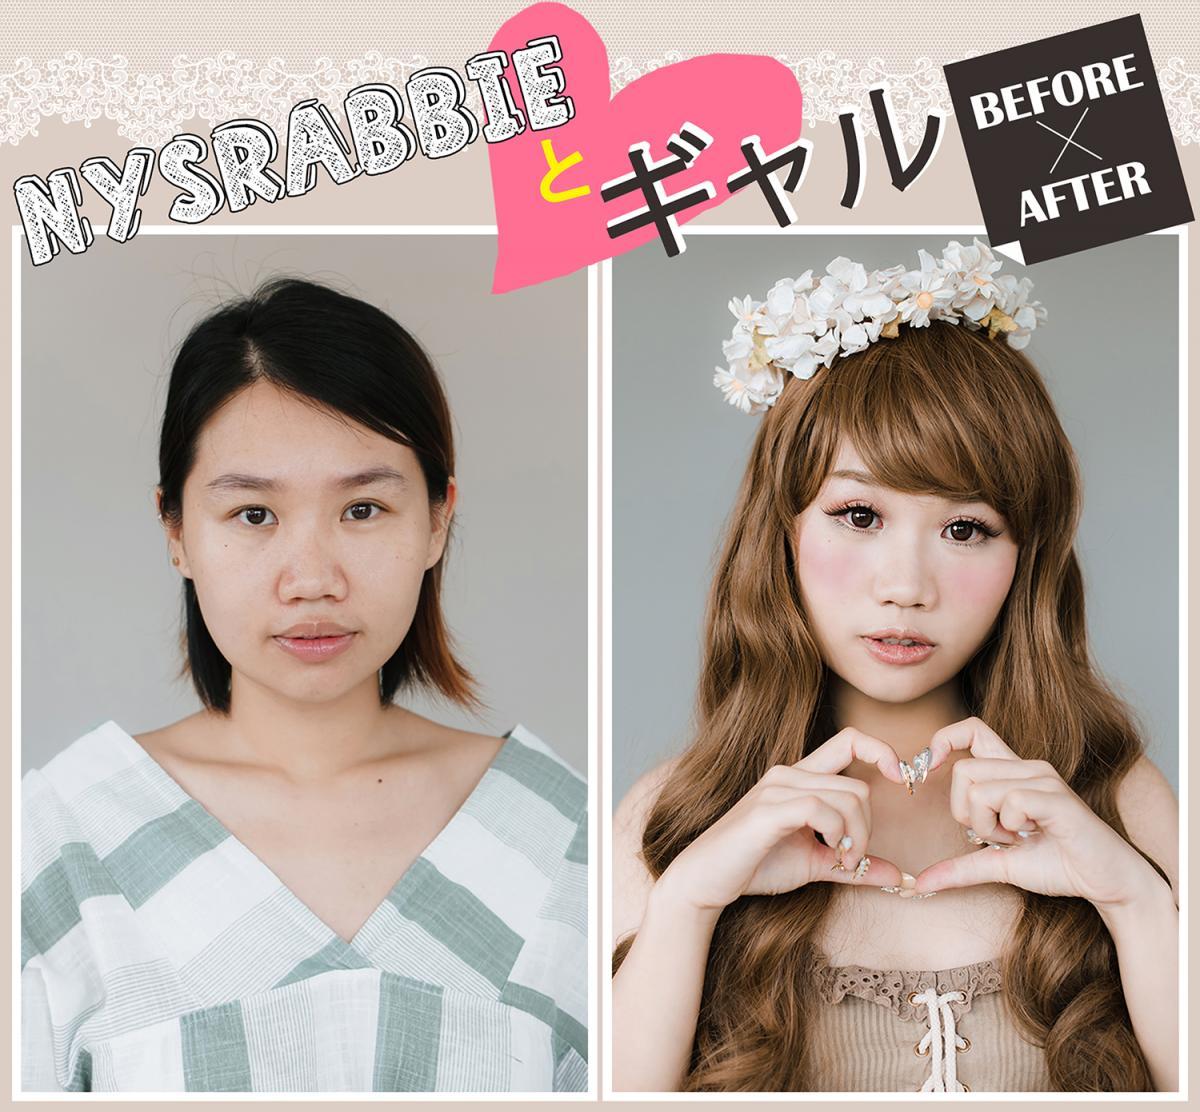 HOWTO ♥ สาวGalญี่ปุ่นแอ๊บแบ๊วในวัยเกือบ30ปี เราจะโตไปด้วยกัน Jeban!